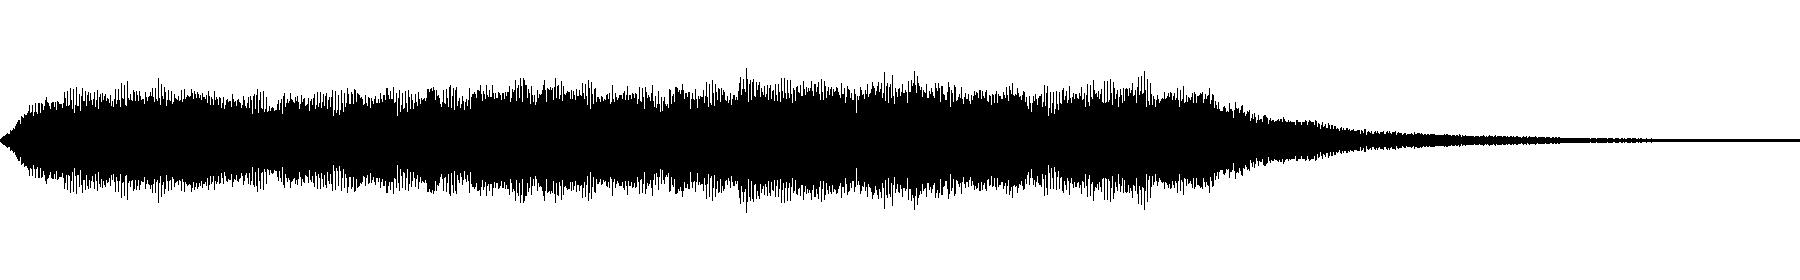 organ g